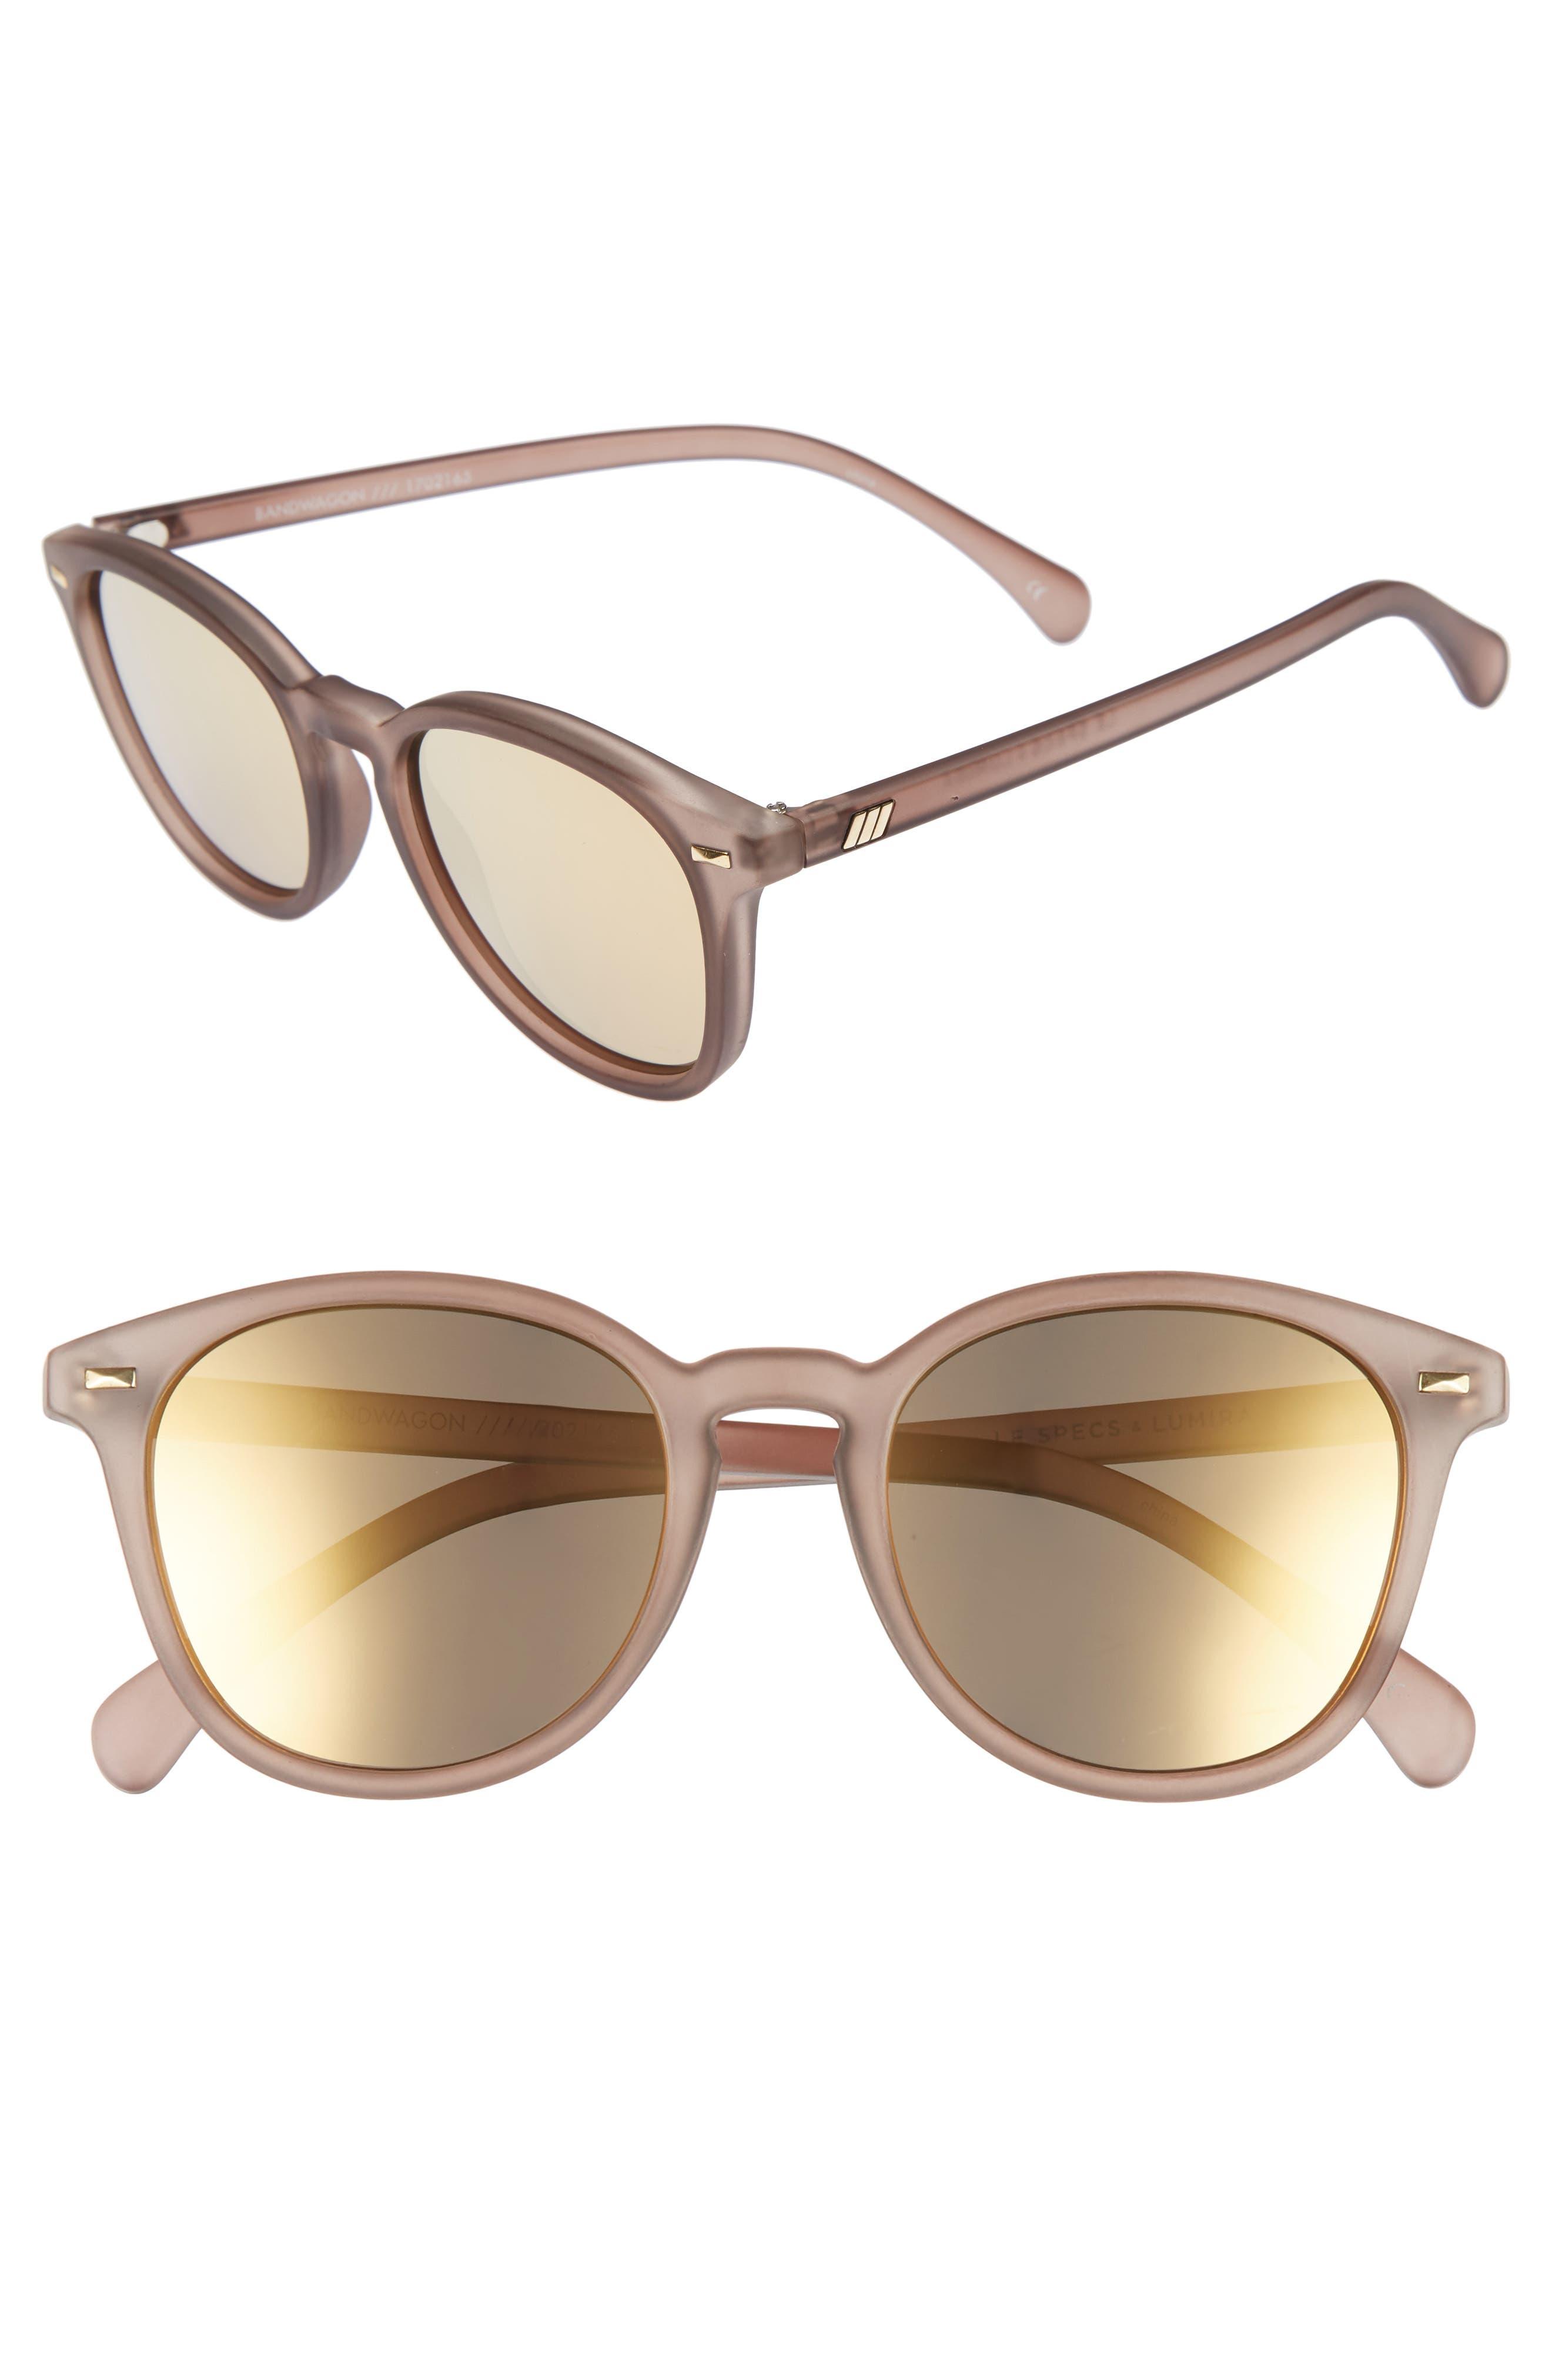 x Lumira Bandwagon 51mm Sunglasses & Candle Gift Set,                             Main thumbnail 1, color,                             020